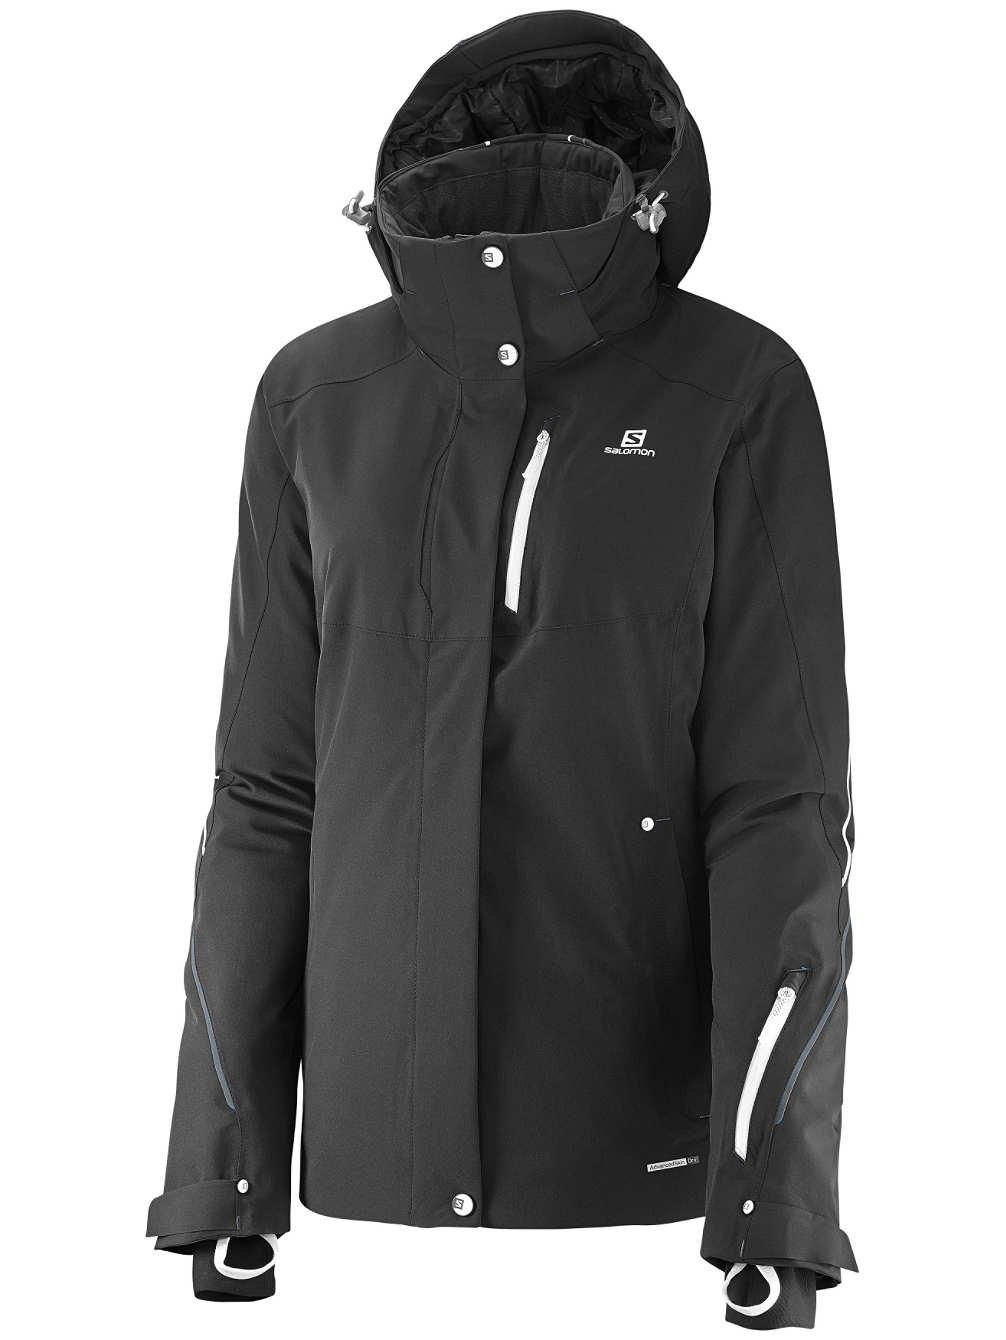 W Para Salomon Negro Chaqueta Esquí Jacket Brillante Color De Mujer qB1PaYf